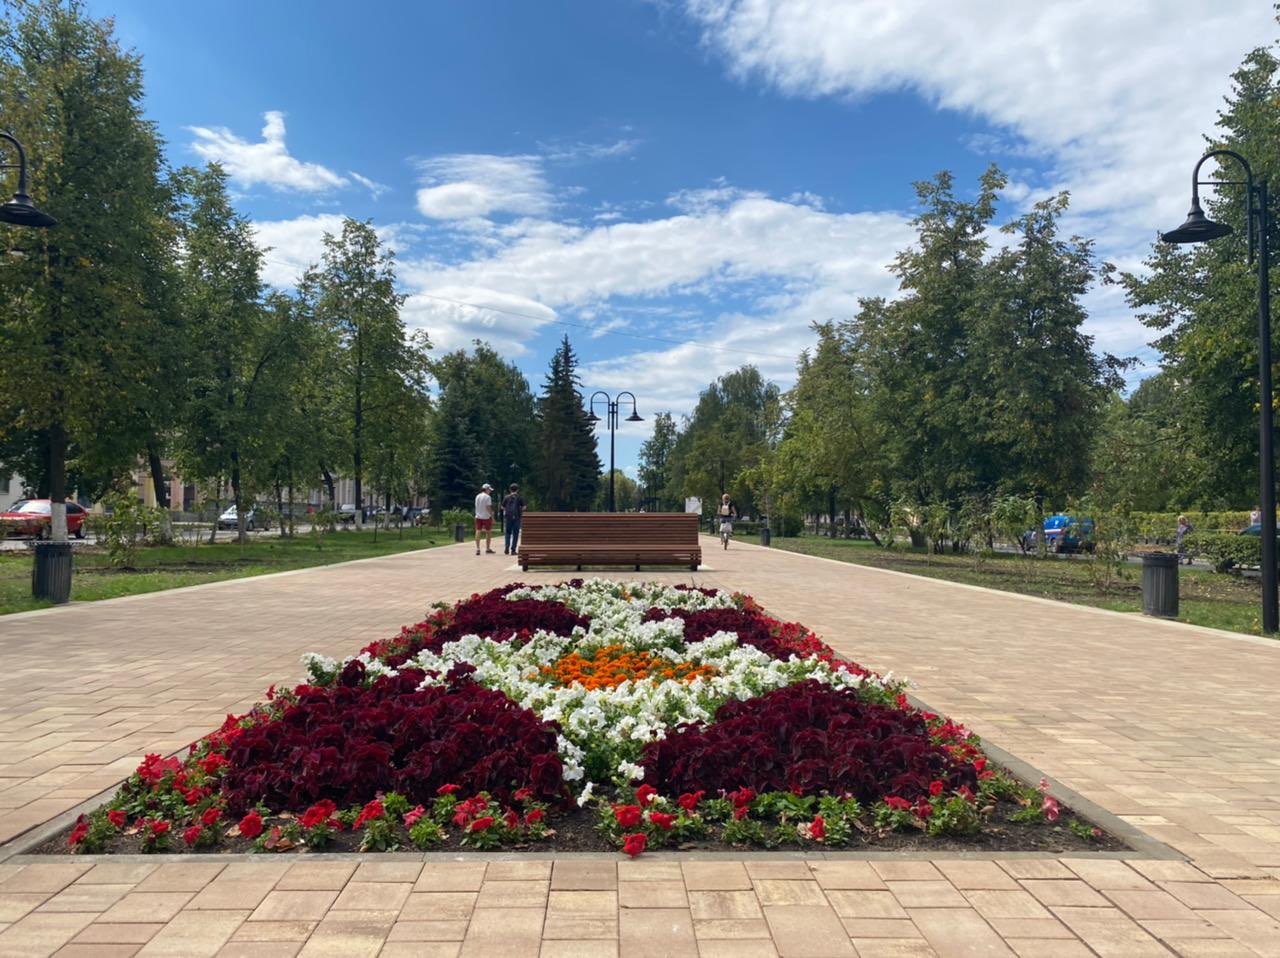 Начало нового. Как изменился сквер на бульвар Юбилейном накануне 800-летия Нижнего Новгорода - фото 1